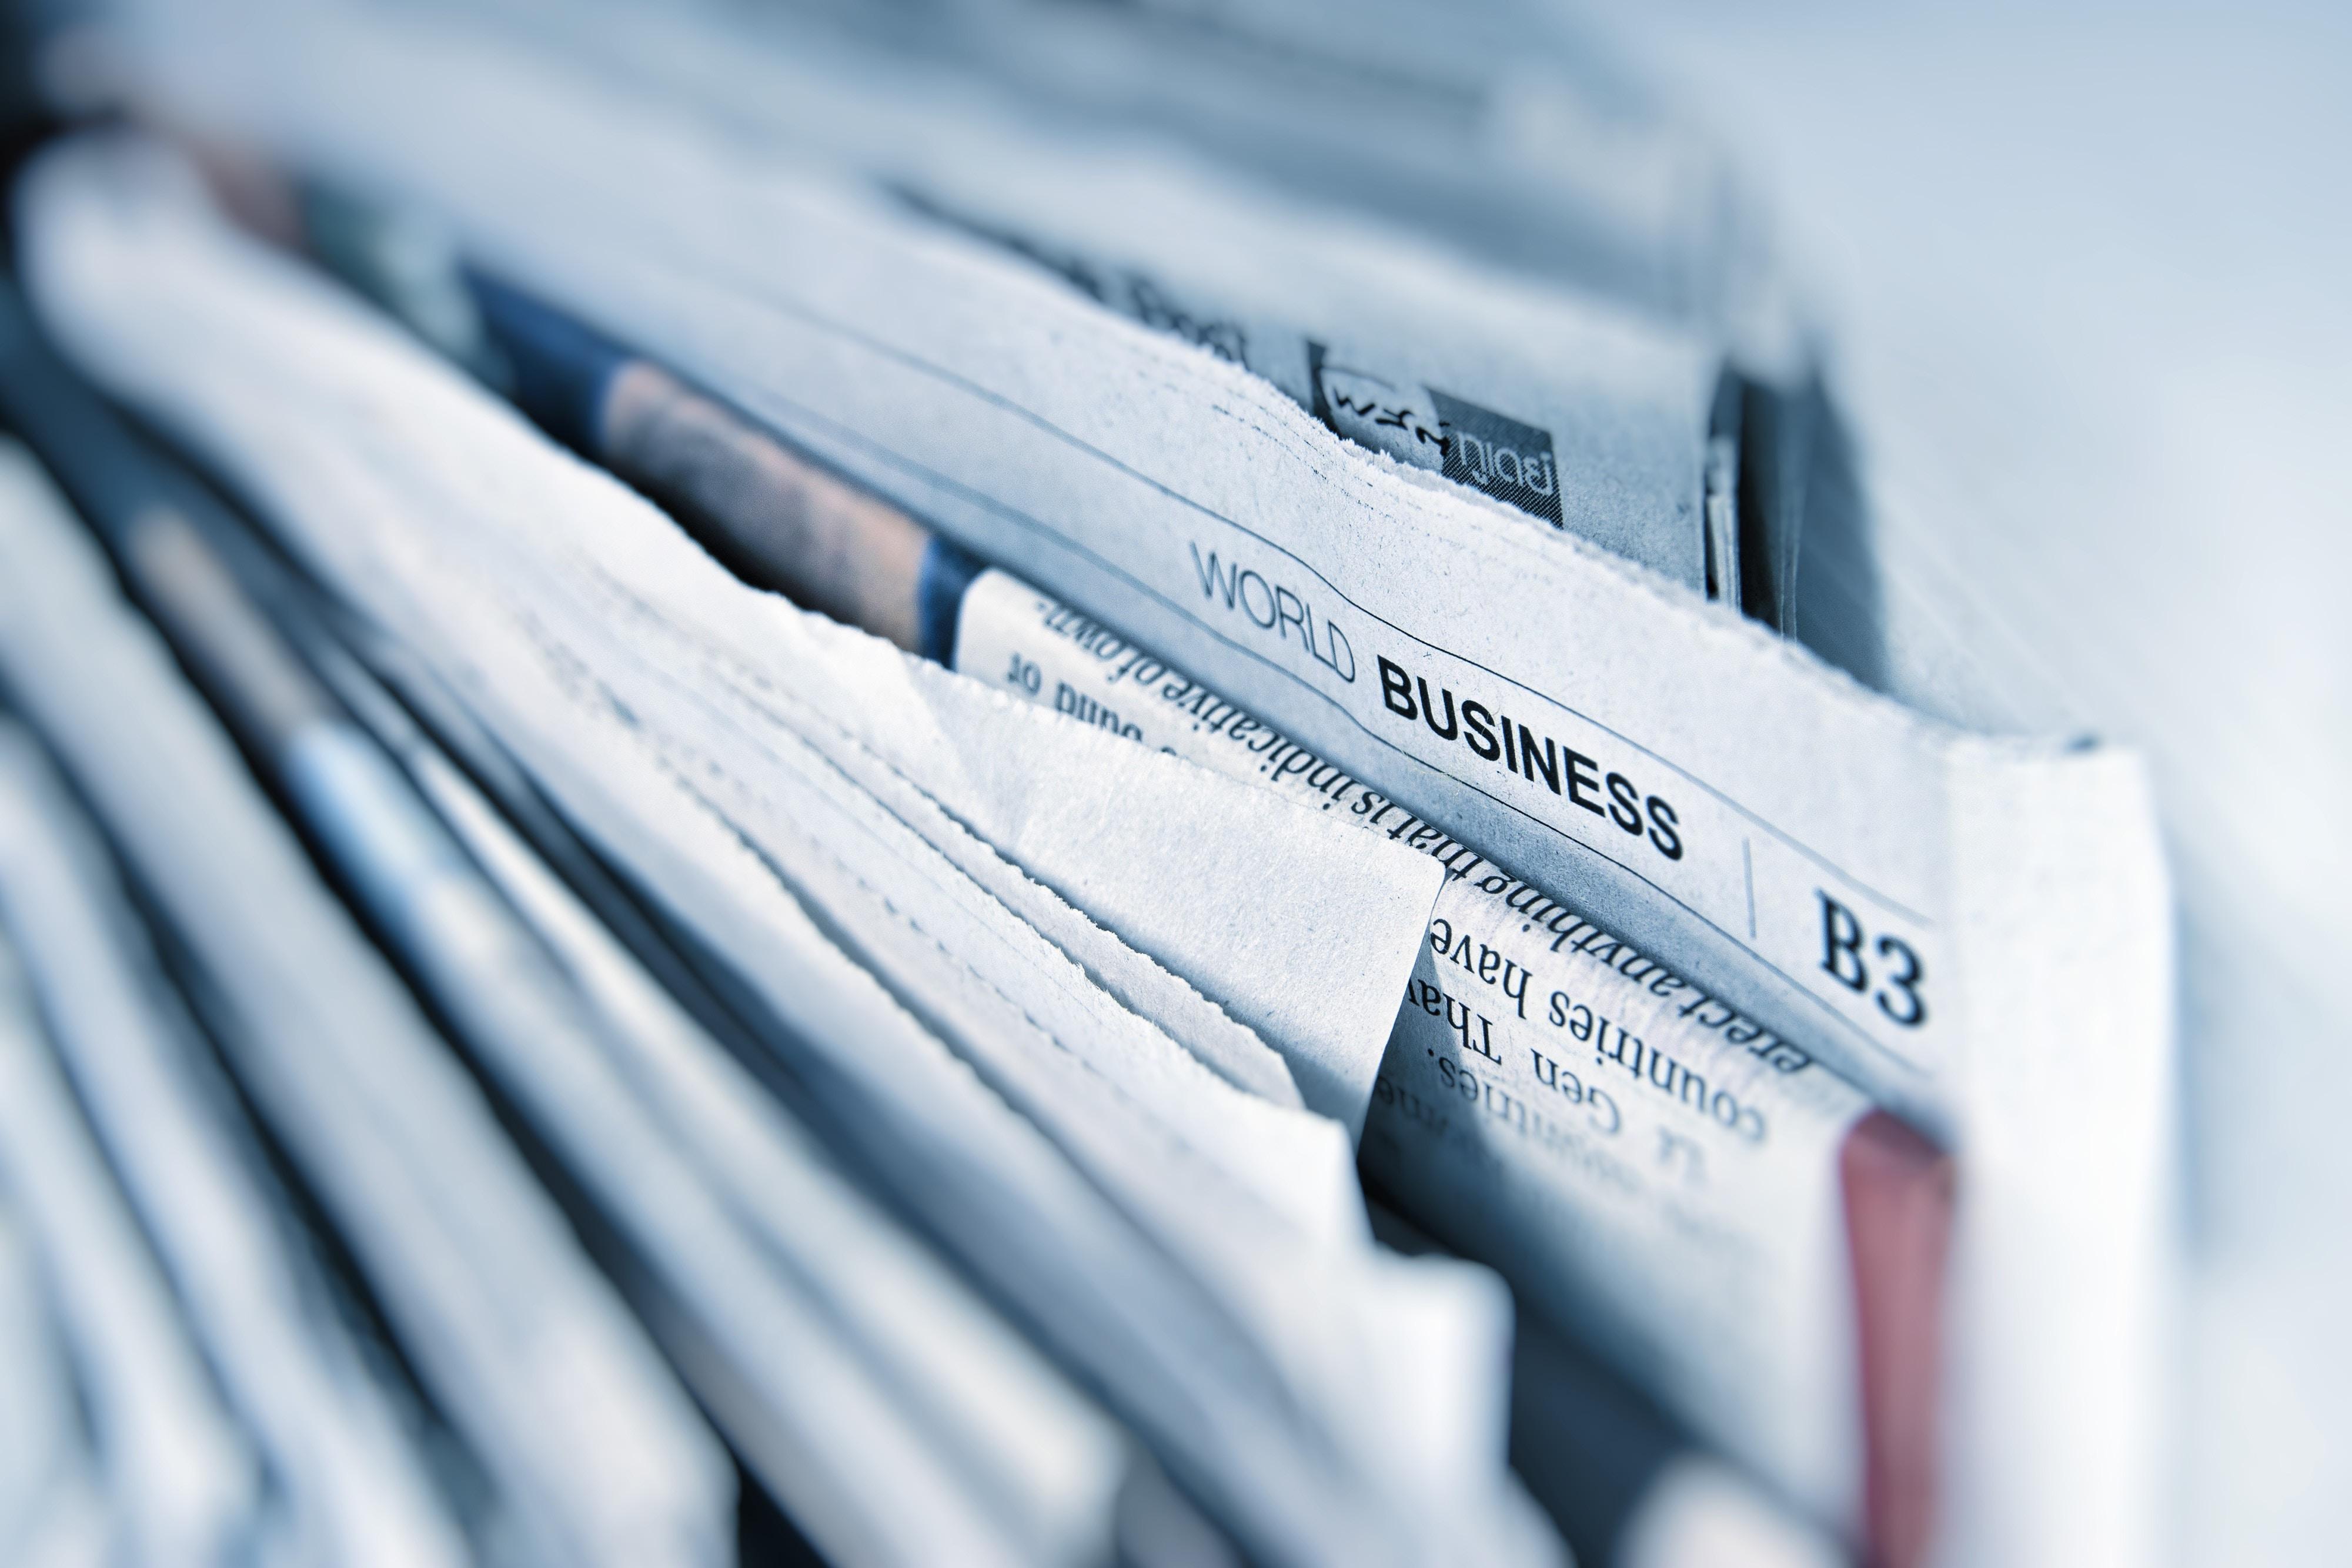 CALYSTA protège les innovations des entrepreneurs – Article dans L'Echo 21.11.2018